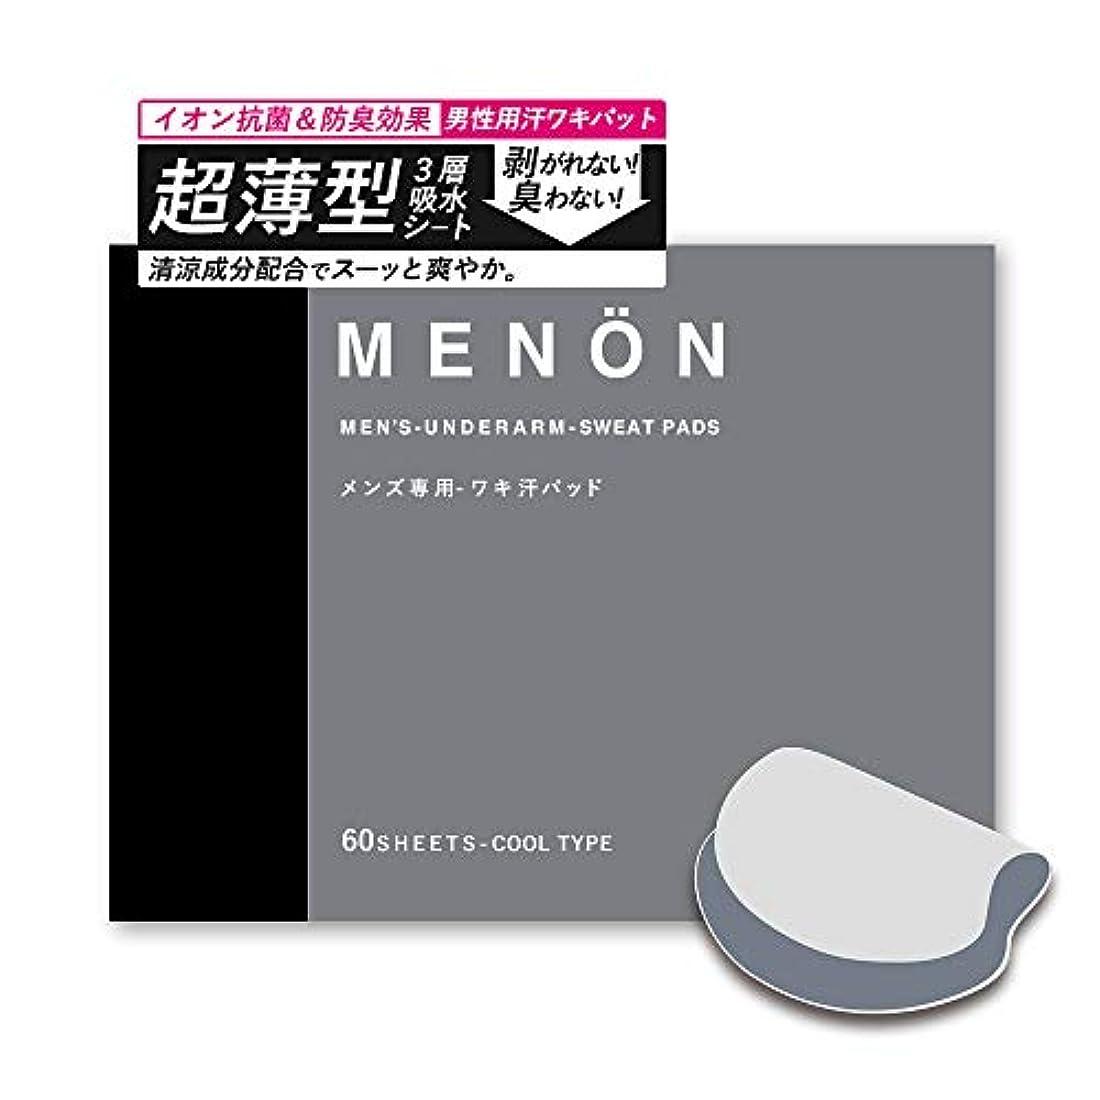 フルーツオズワルドサークルMENON 安心の日本製 脇汗パッド メンズ 使い捨て 汗取りパッド 大容量60枚 (30セット) 清涼成分配合 脇汗 男性用 ボディケア 汗ジミ?臭い予防に パッド シール メノン